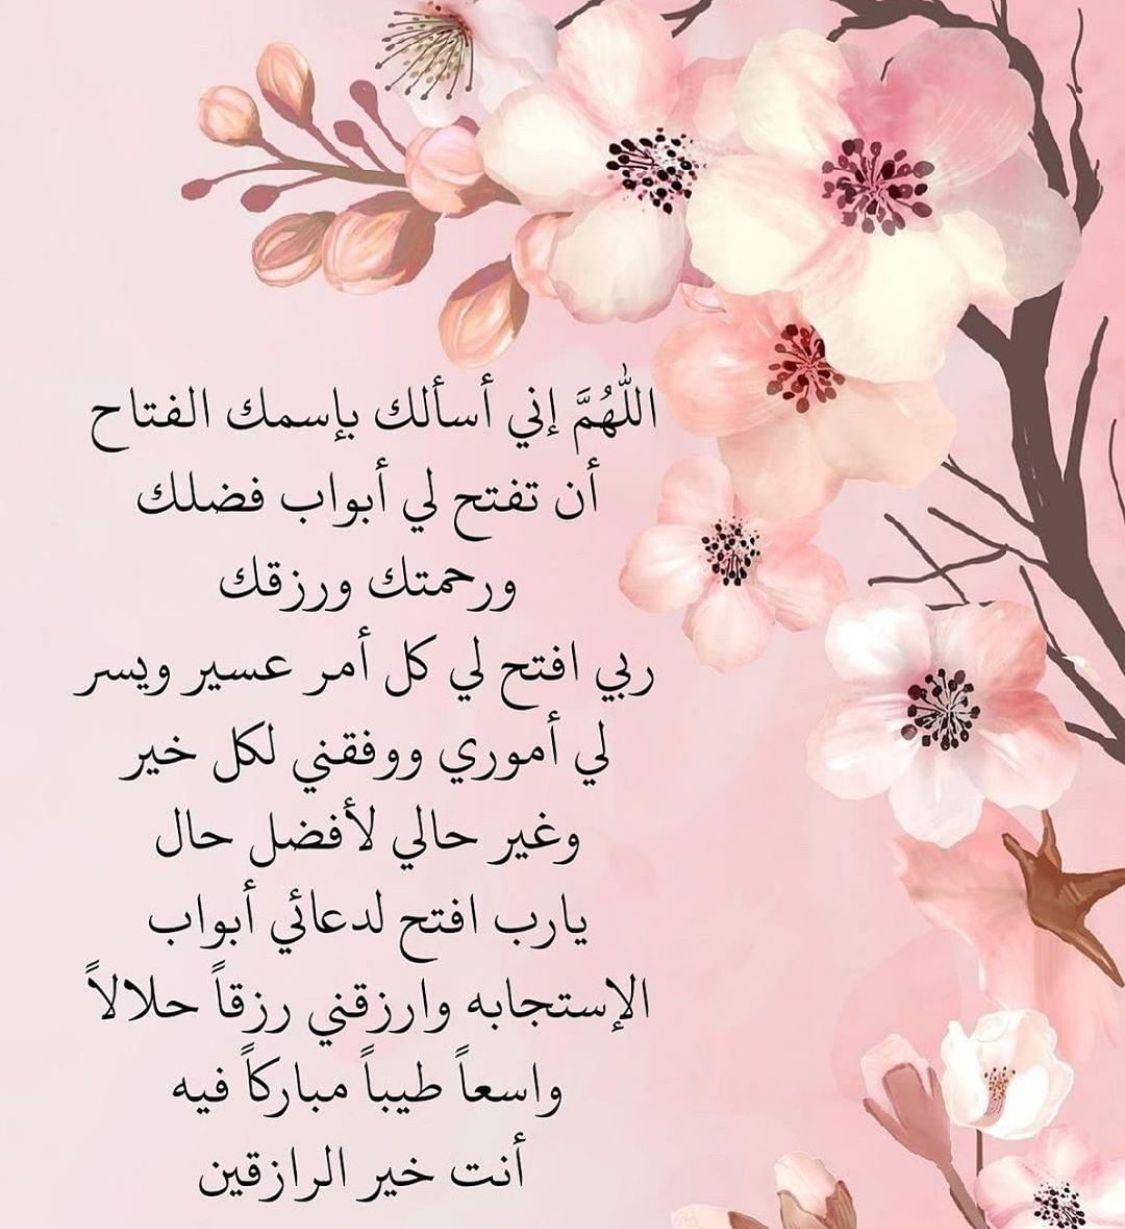 أدعية و أذكار تريح القلوب تقرب الى الله Islamic Quotes Duaa Islam Islam Hadith